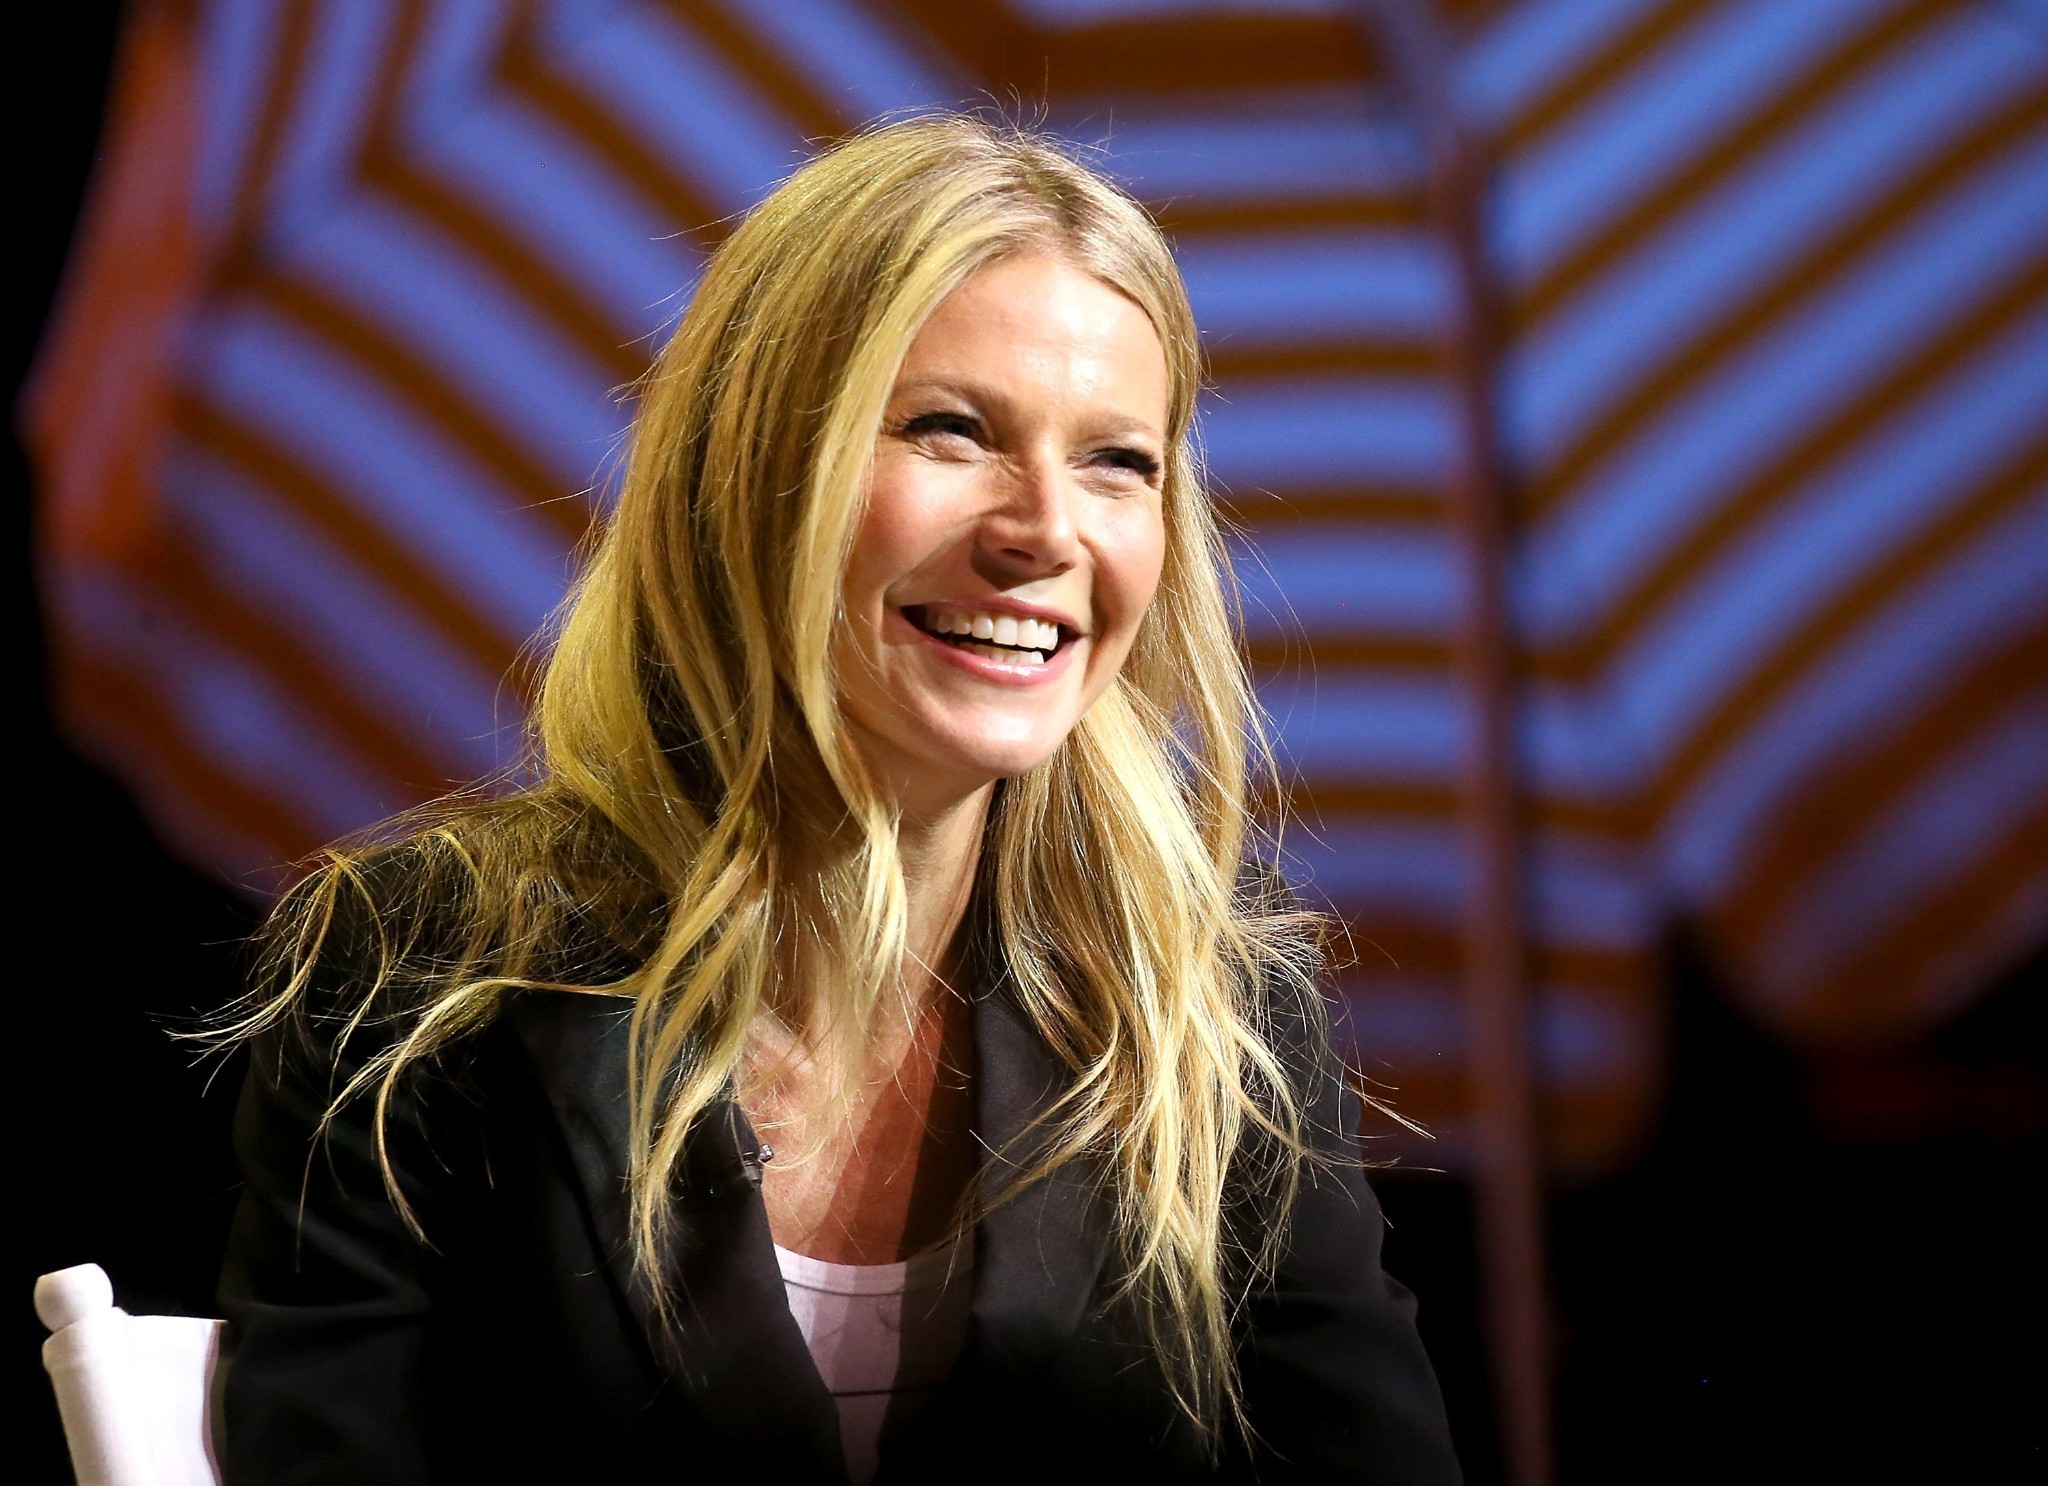 Gwyneth Paltrow is hosting a wellness summit in LA this summer